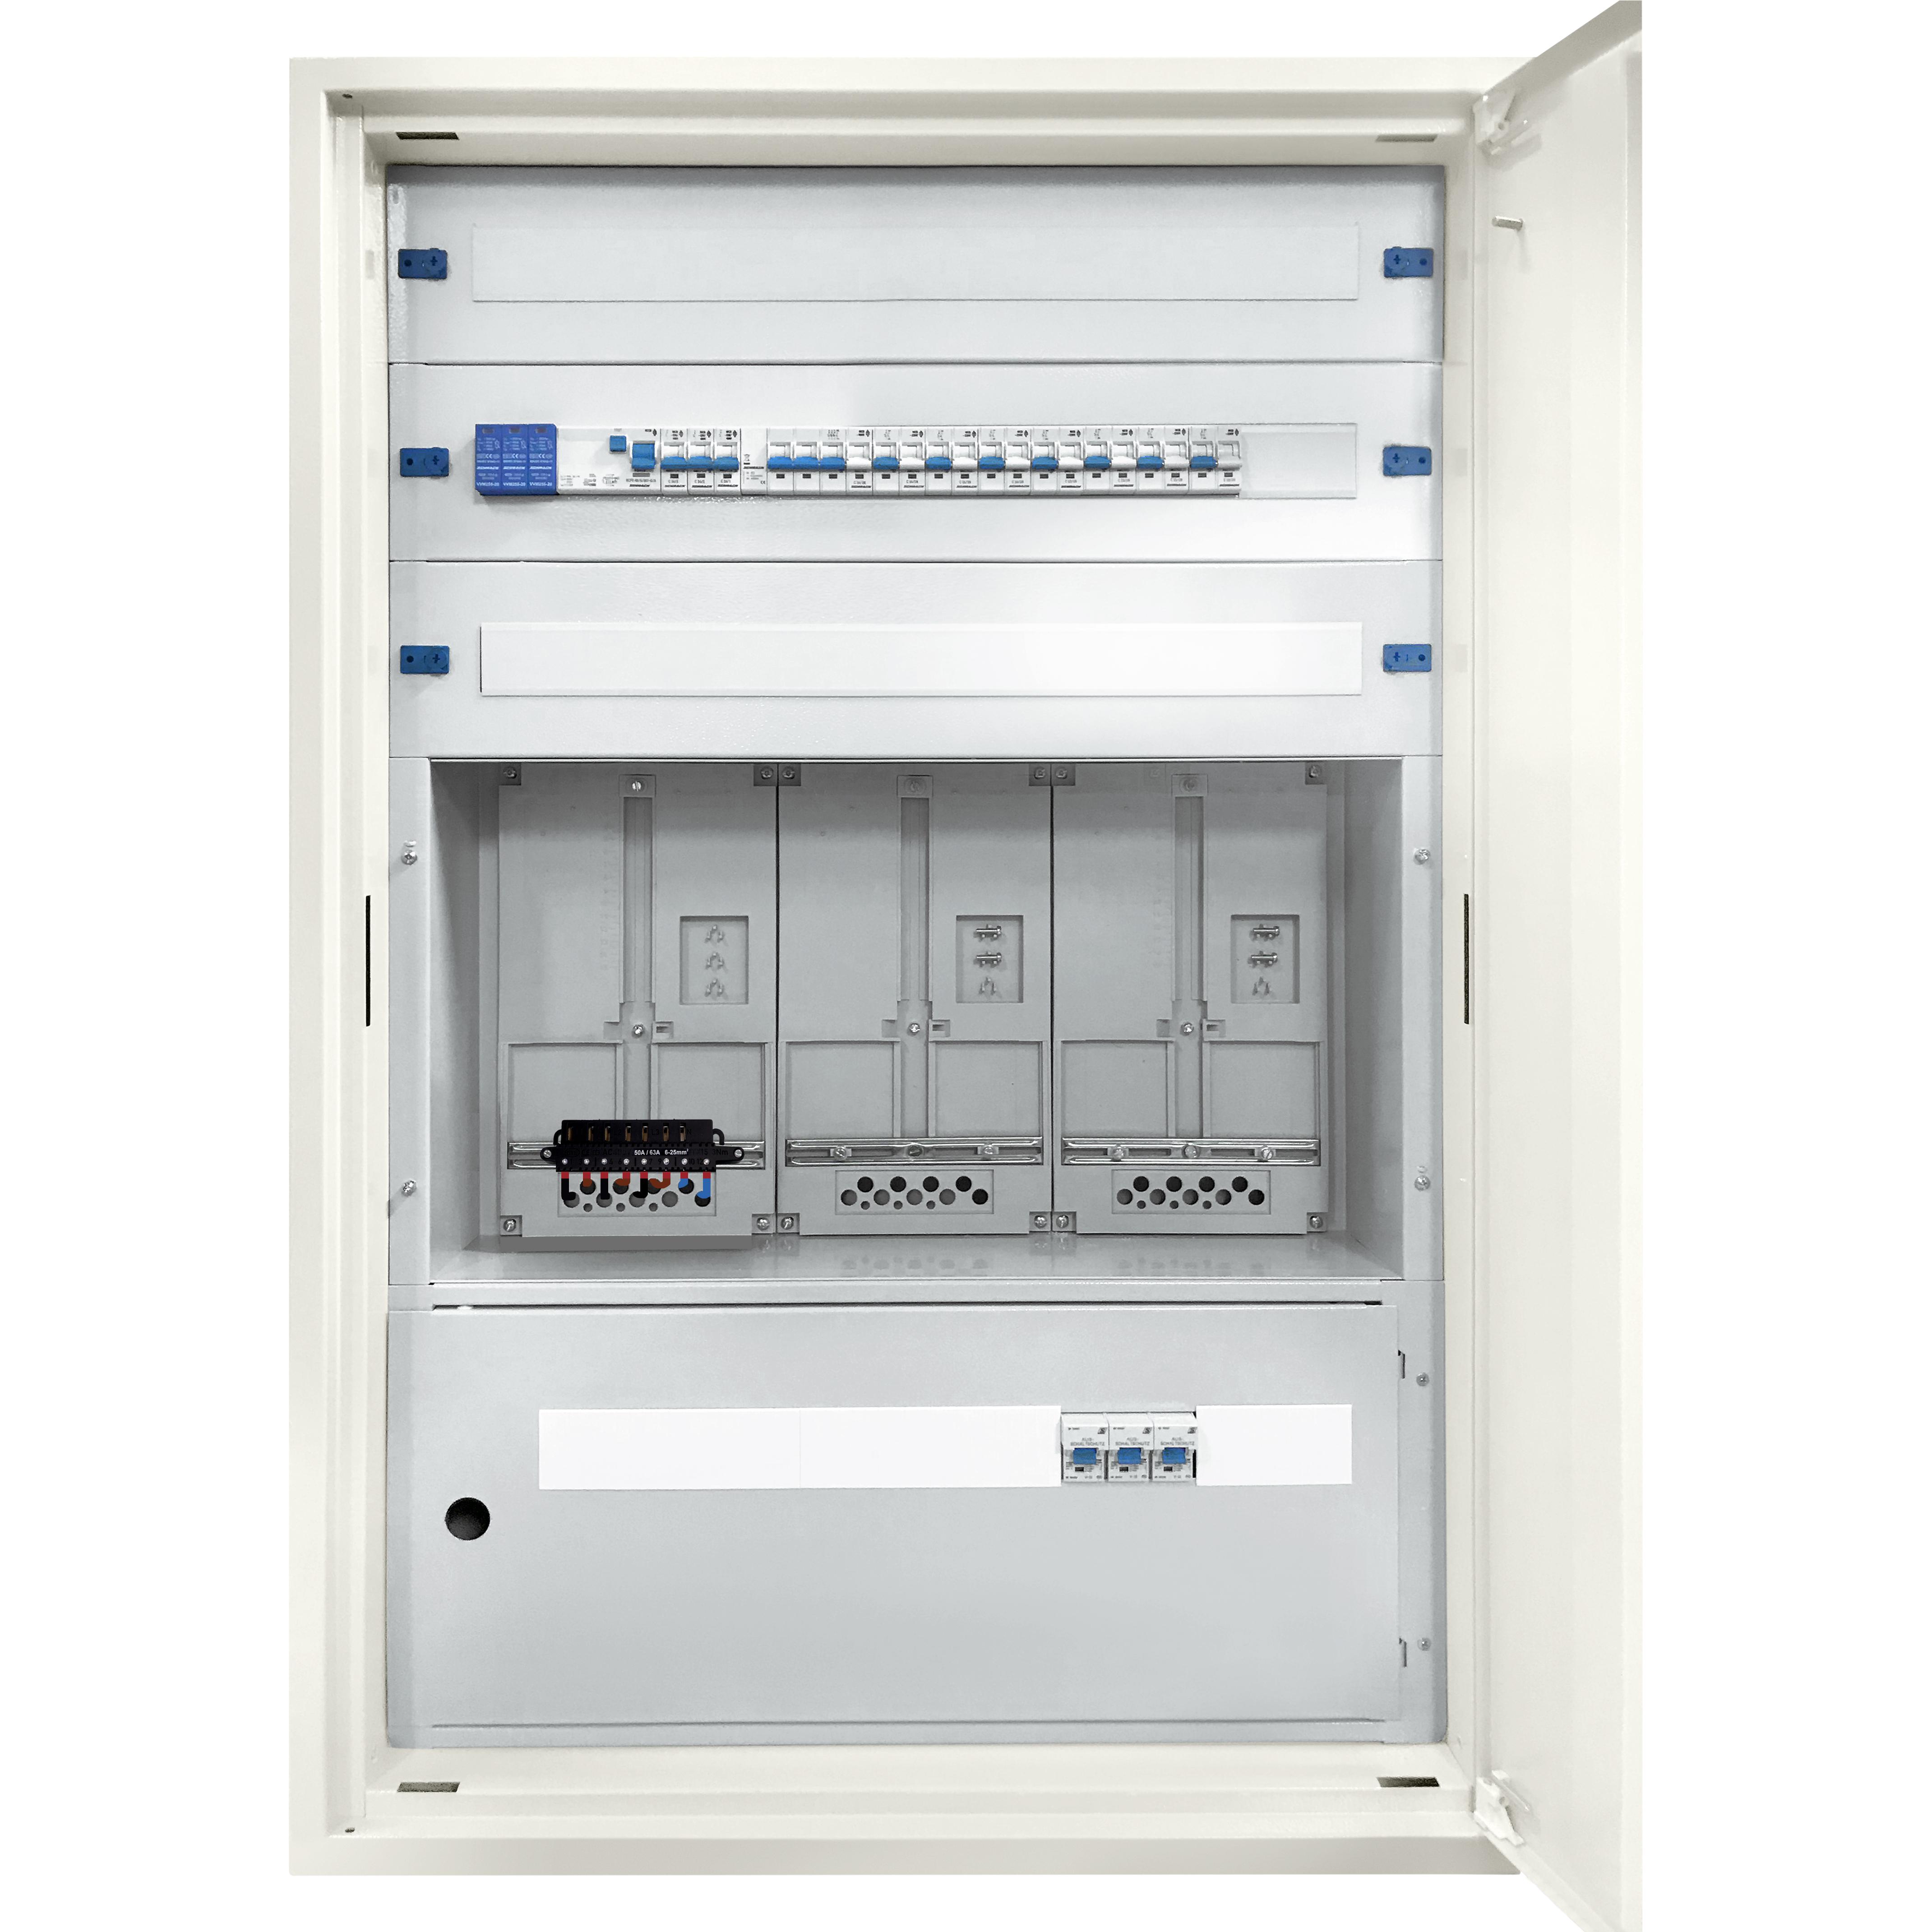 1 Stk ECO-UP-Verteiler verdrahtet 3U24 mit Mauerwanneneinsatz IL962324--